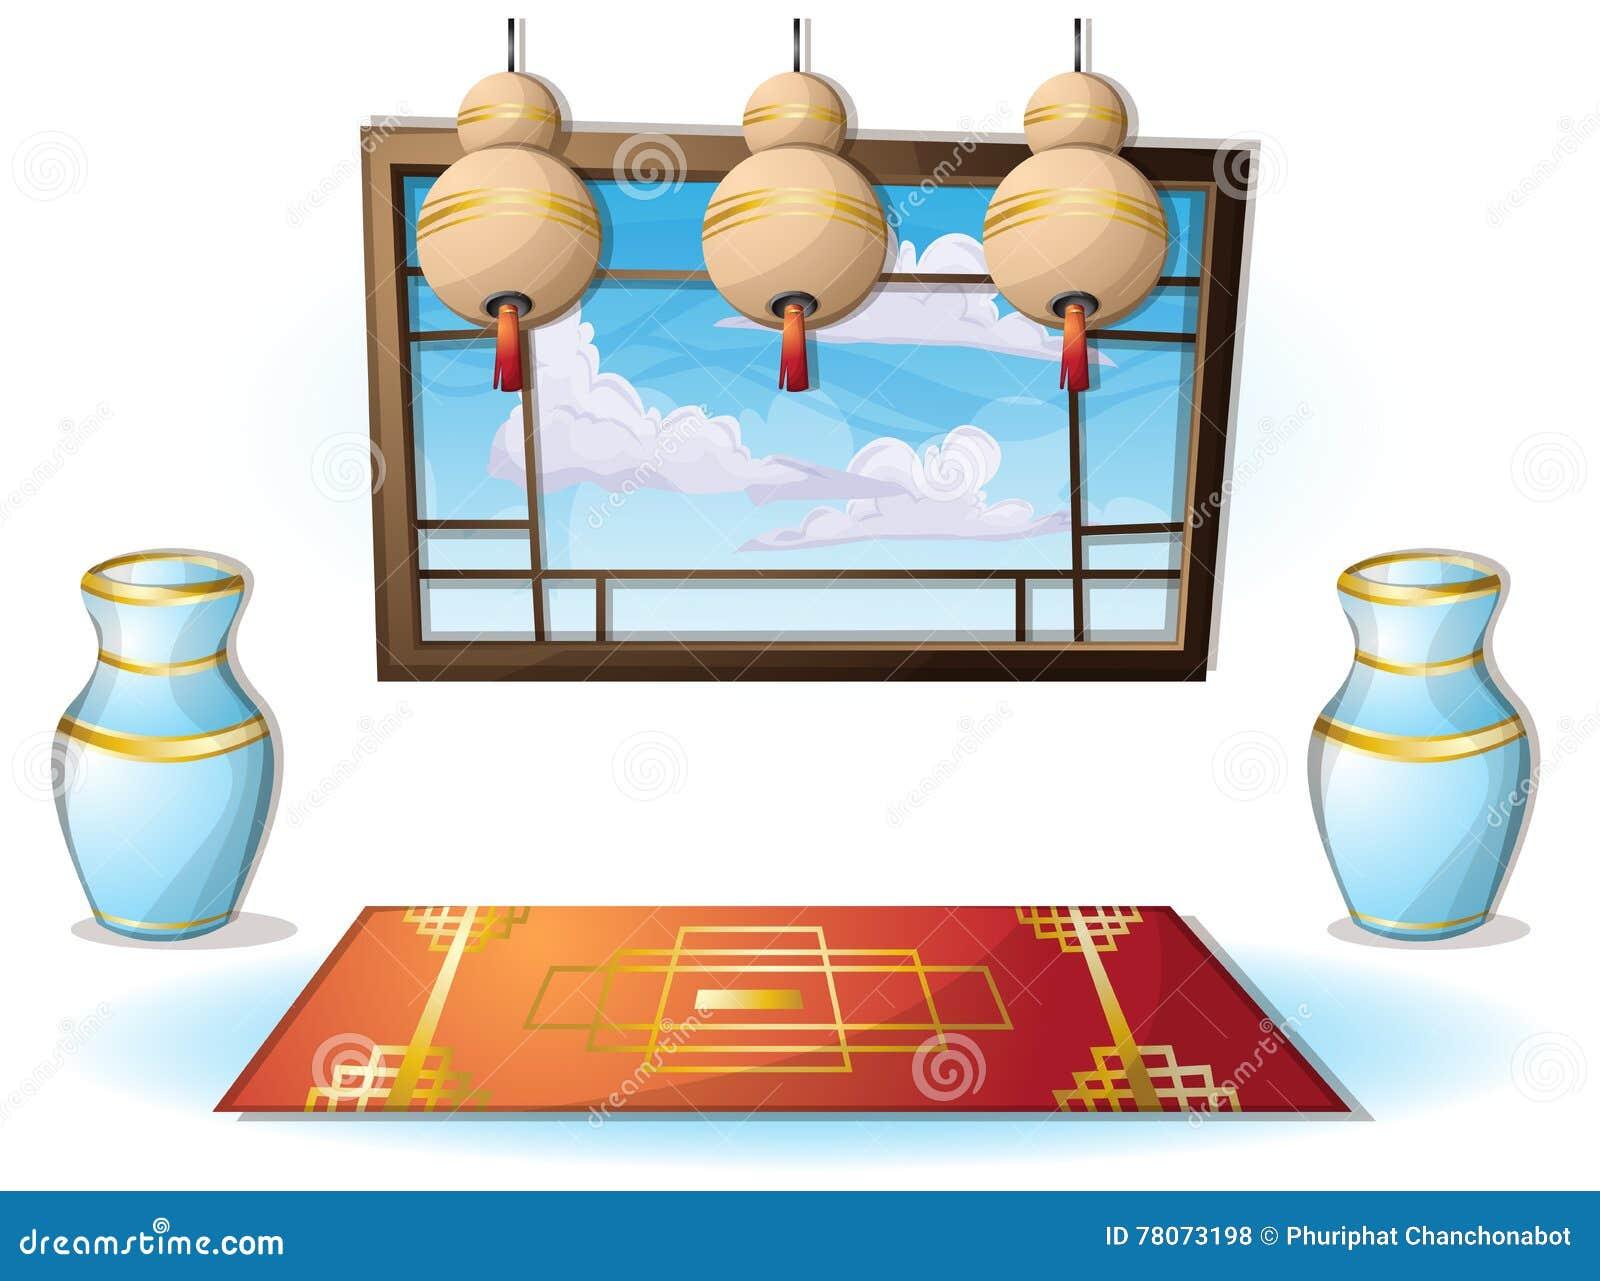 Kreskówka wektorowy ilustracyjny wewnętrzny chiński pokój z oddzielonymi warstwami